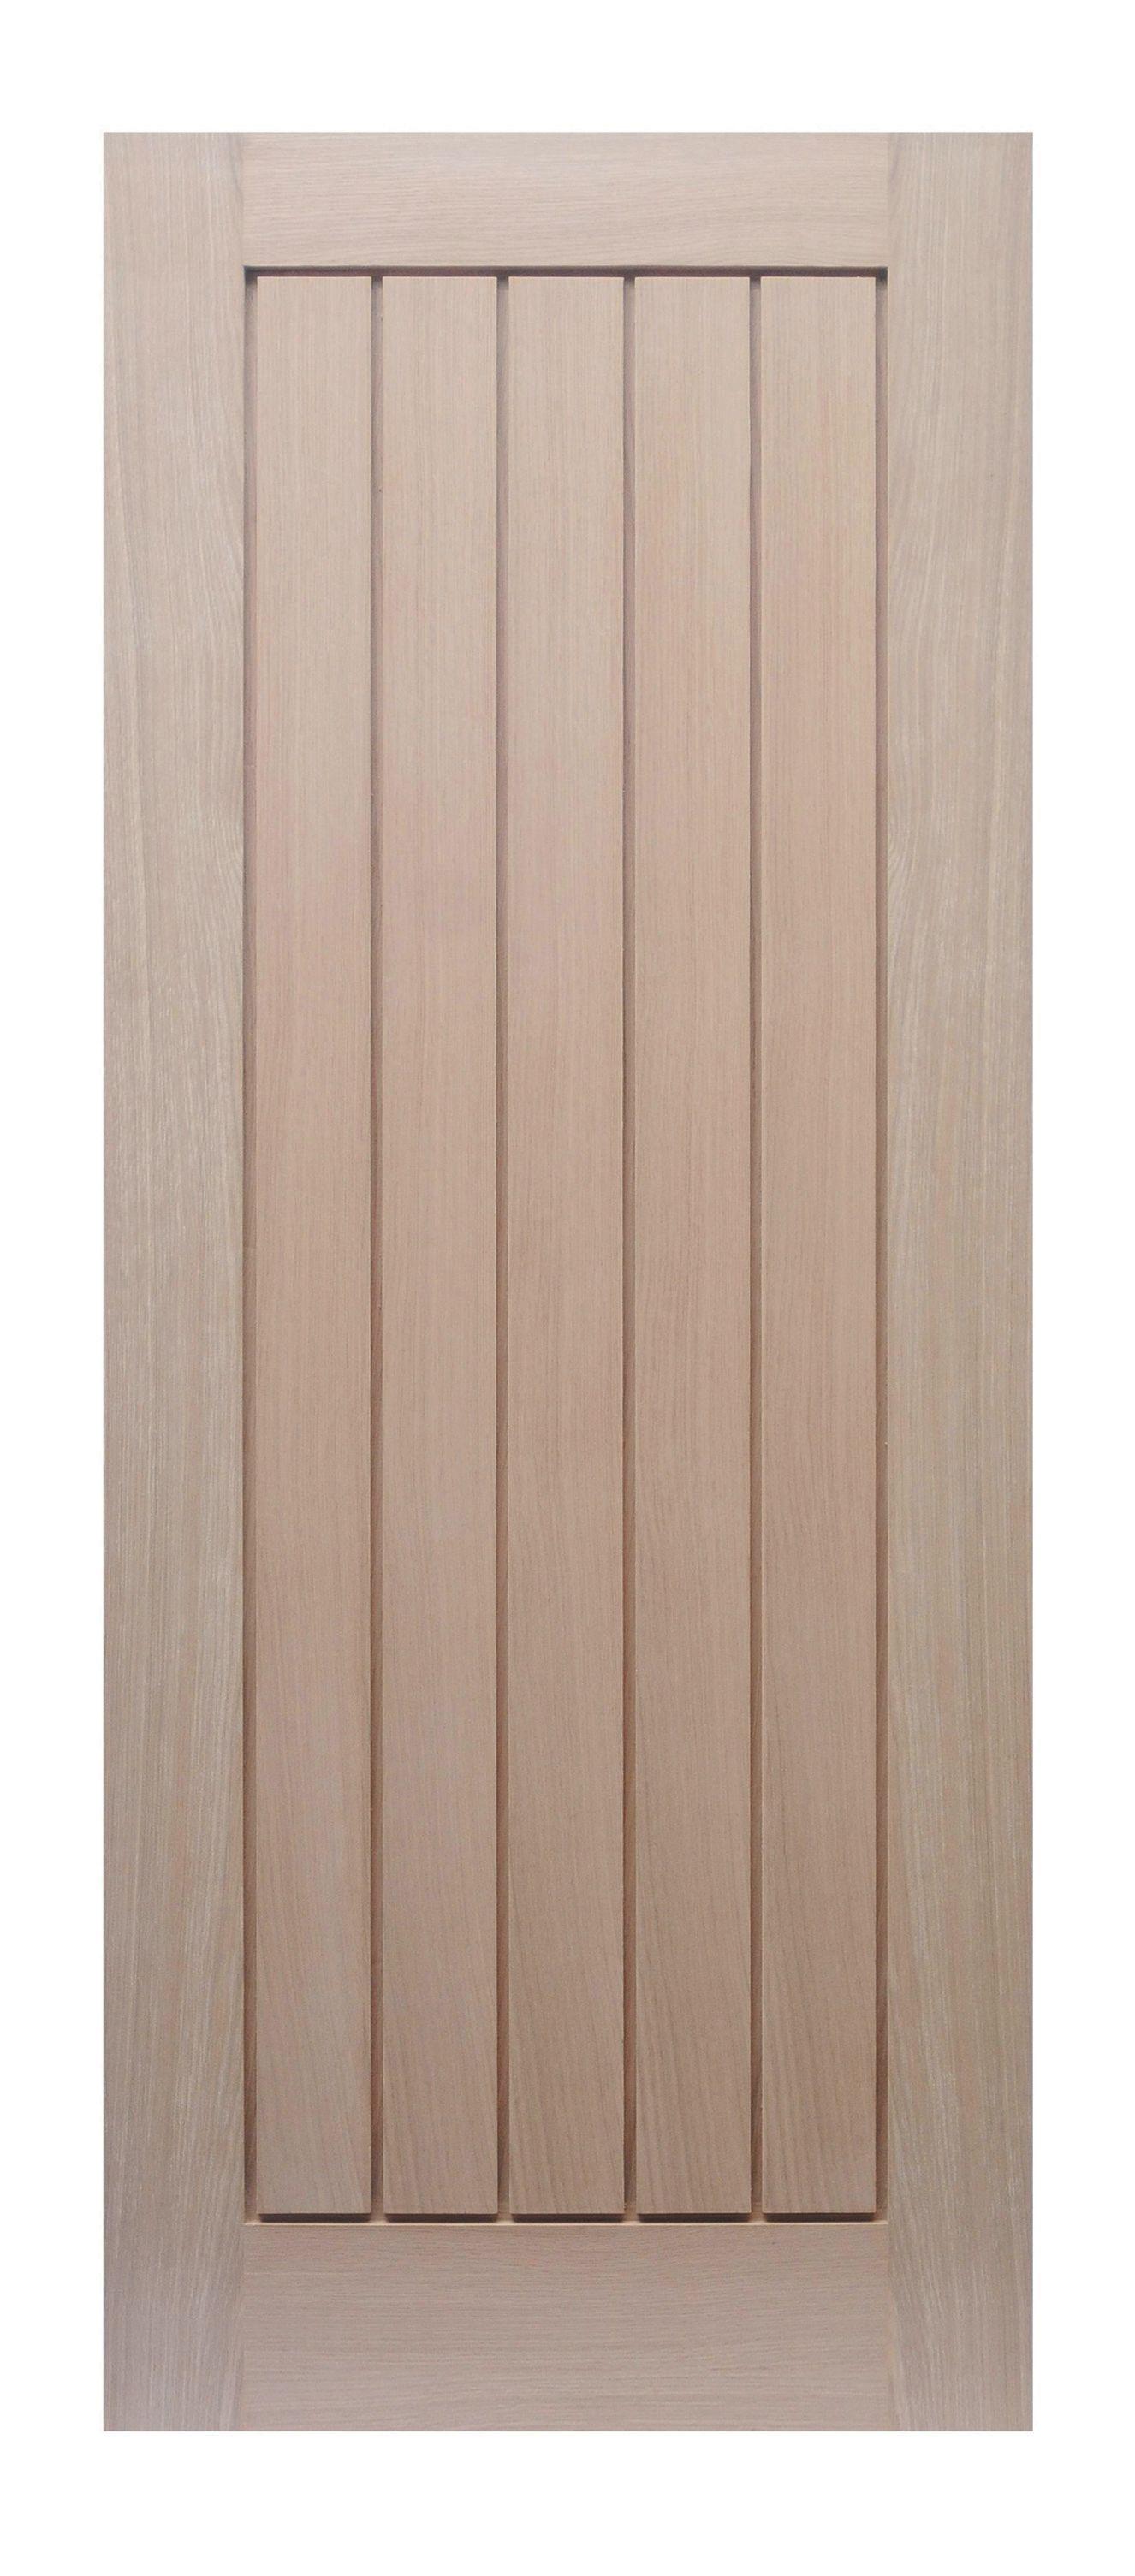 Wickes Geneva Internal Oak Veneer Door 5 Panel 1981x762mm  sc 1 st  Pinterest & Wickes Geneva Internal Oak Veneer Door 5 Panel 1981x762mm | Doors ...